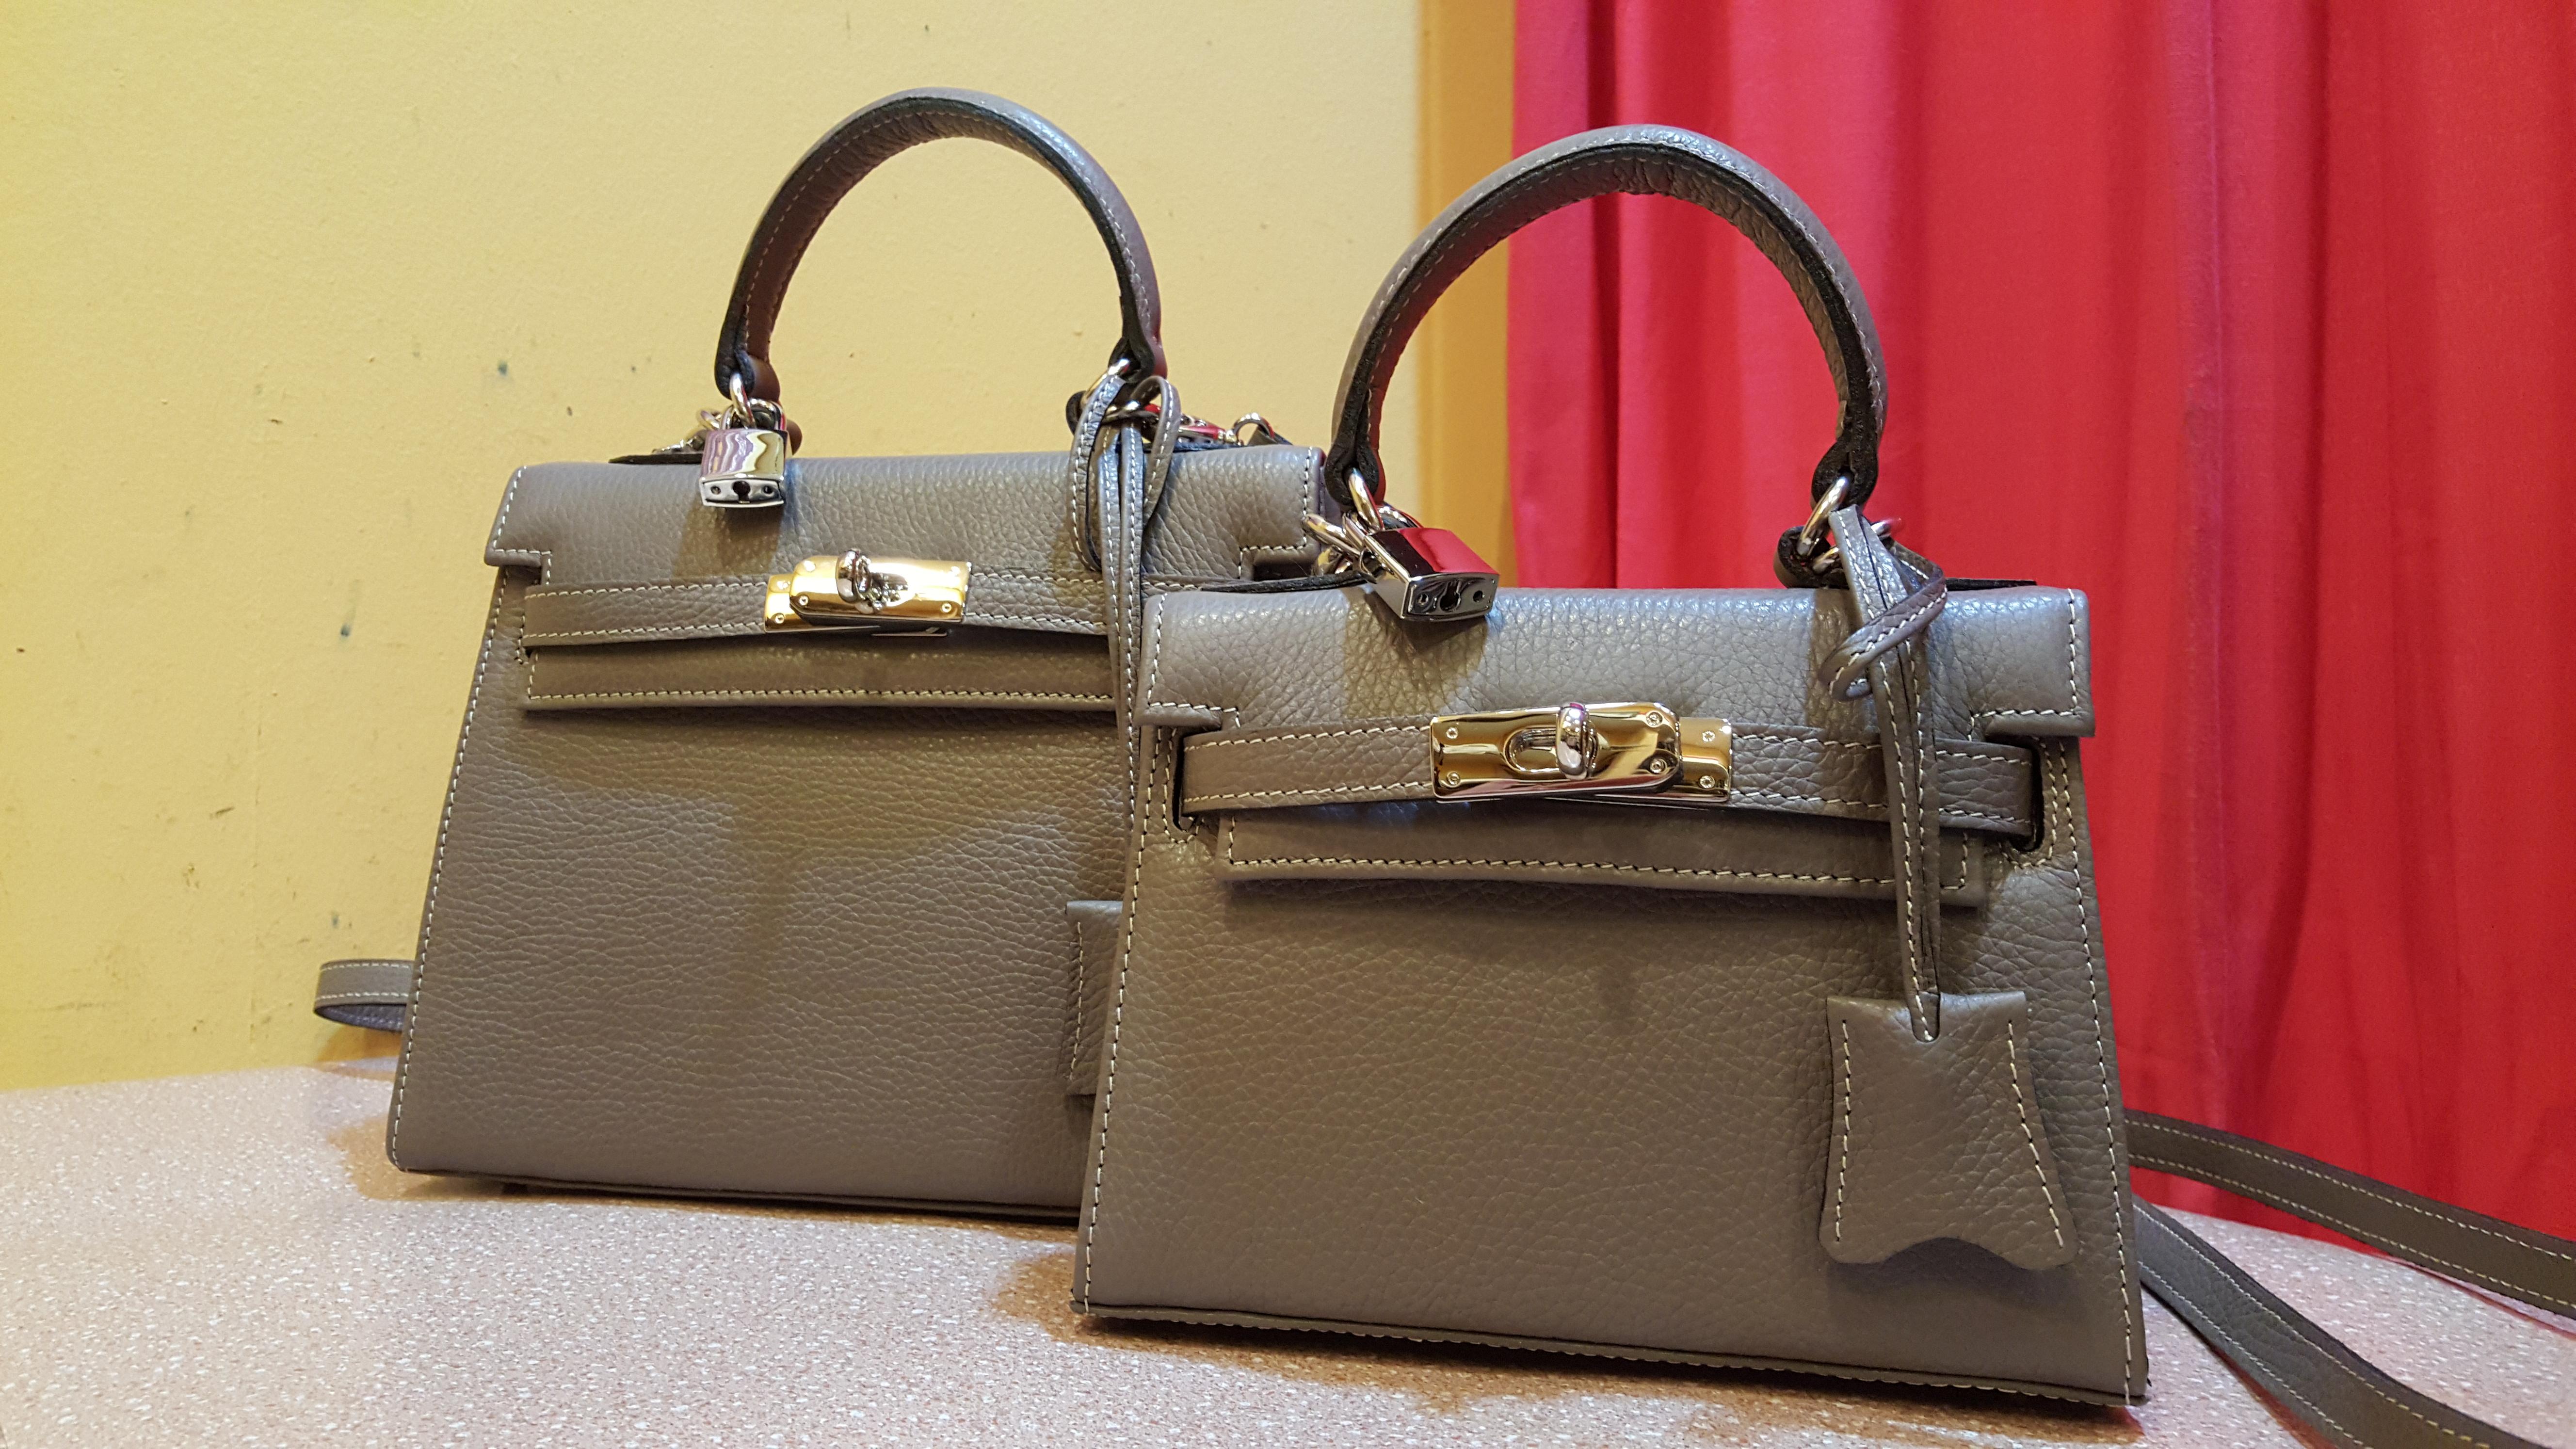 85dc45d6b5 Creazione borse artigianali e riparazione borse vintage | Il ...